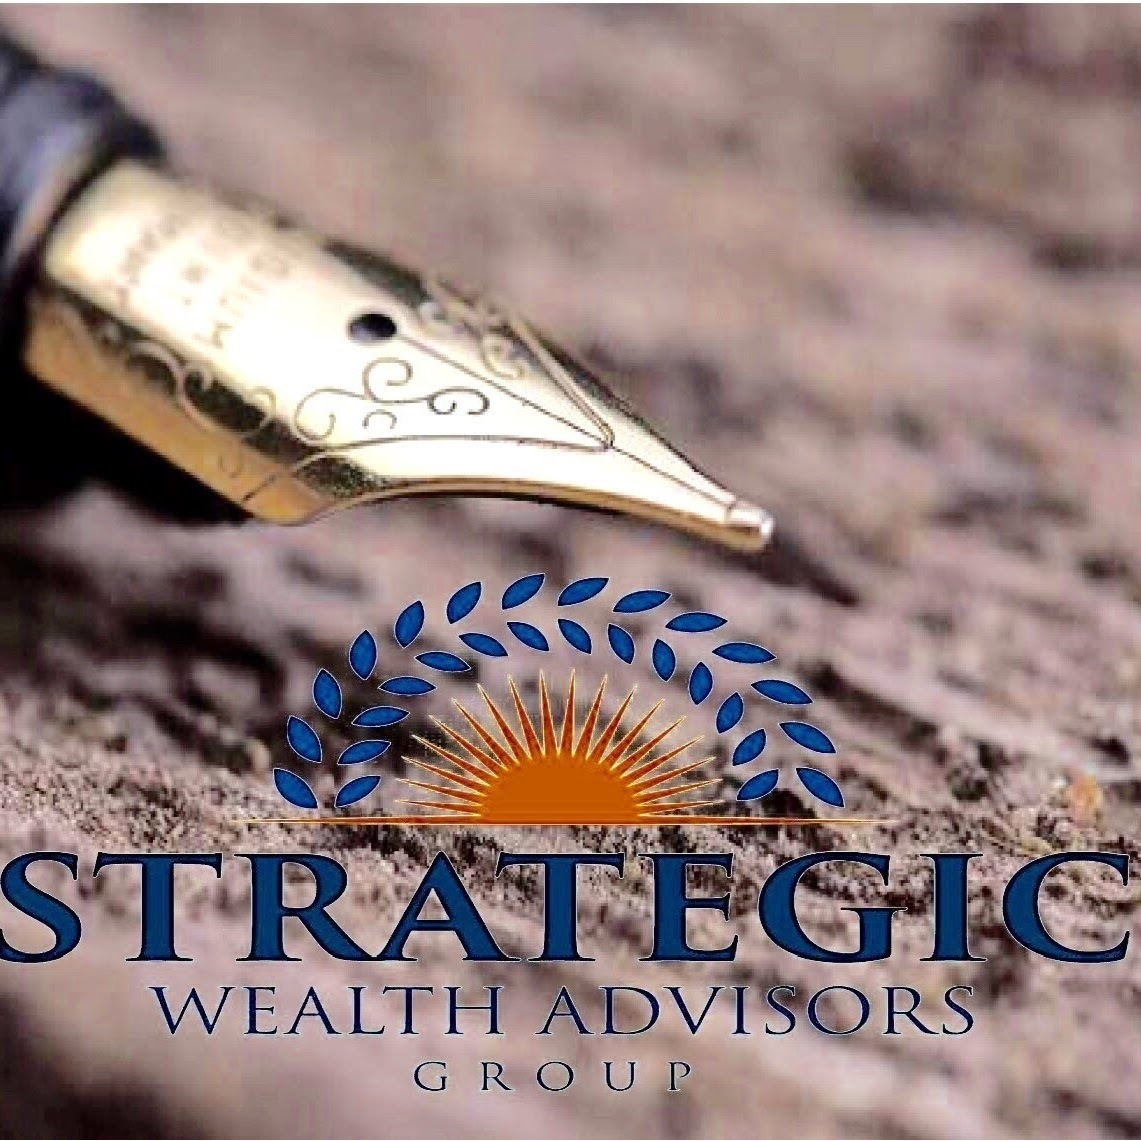 Strategic Wealth Advisors Group